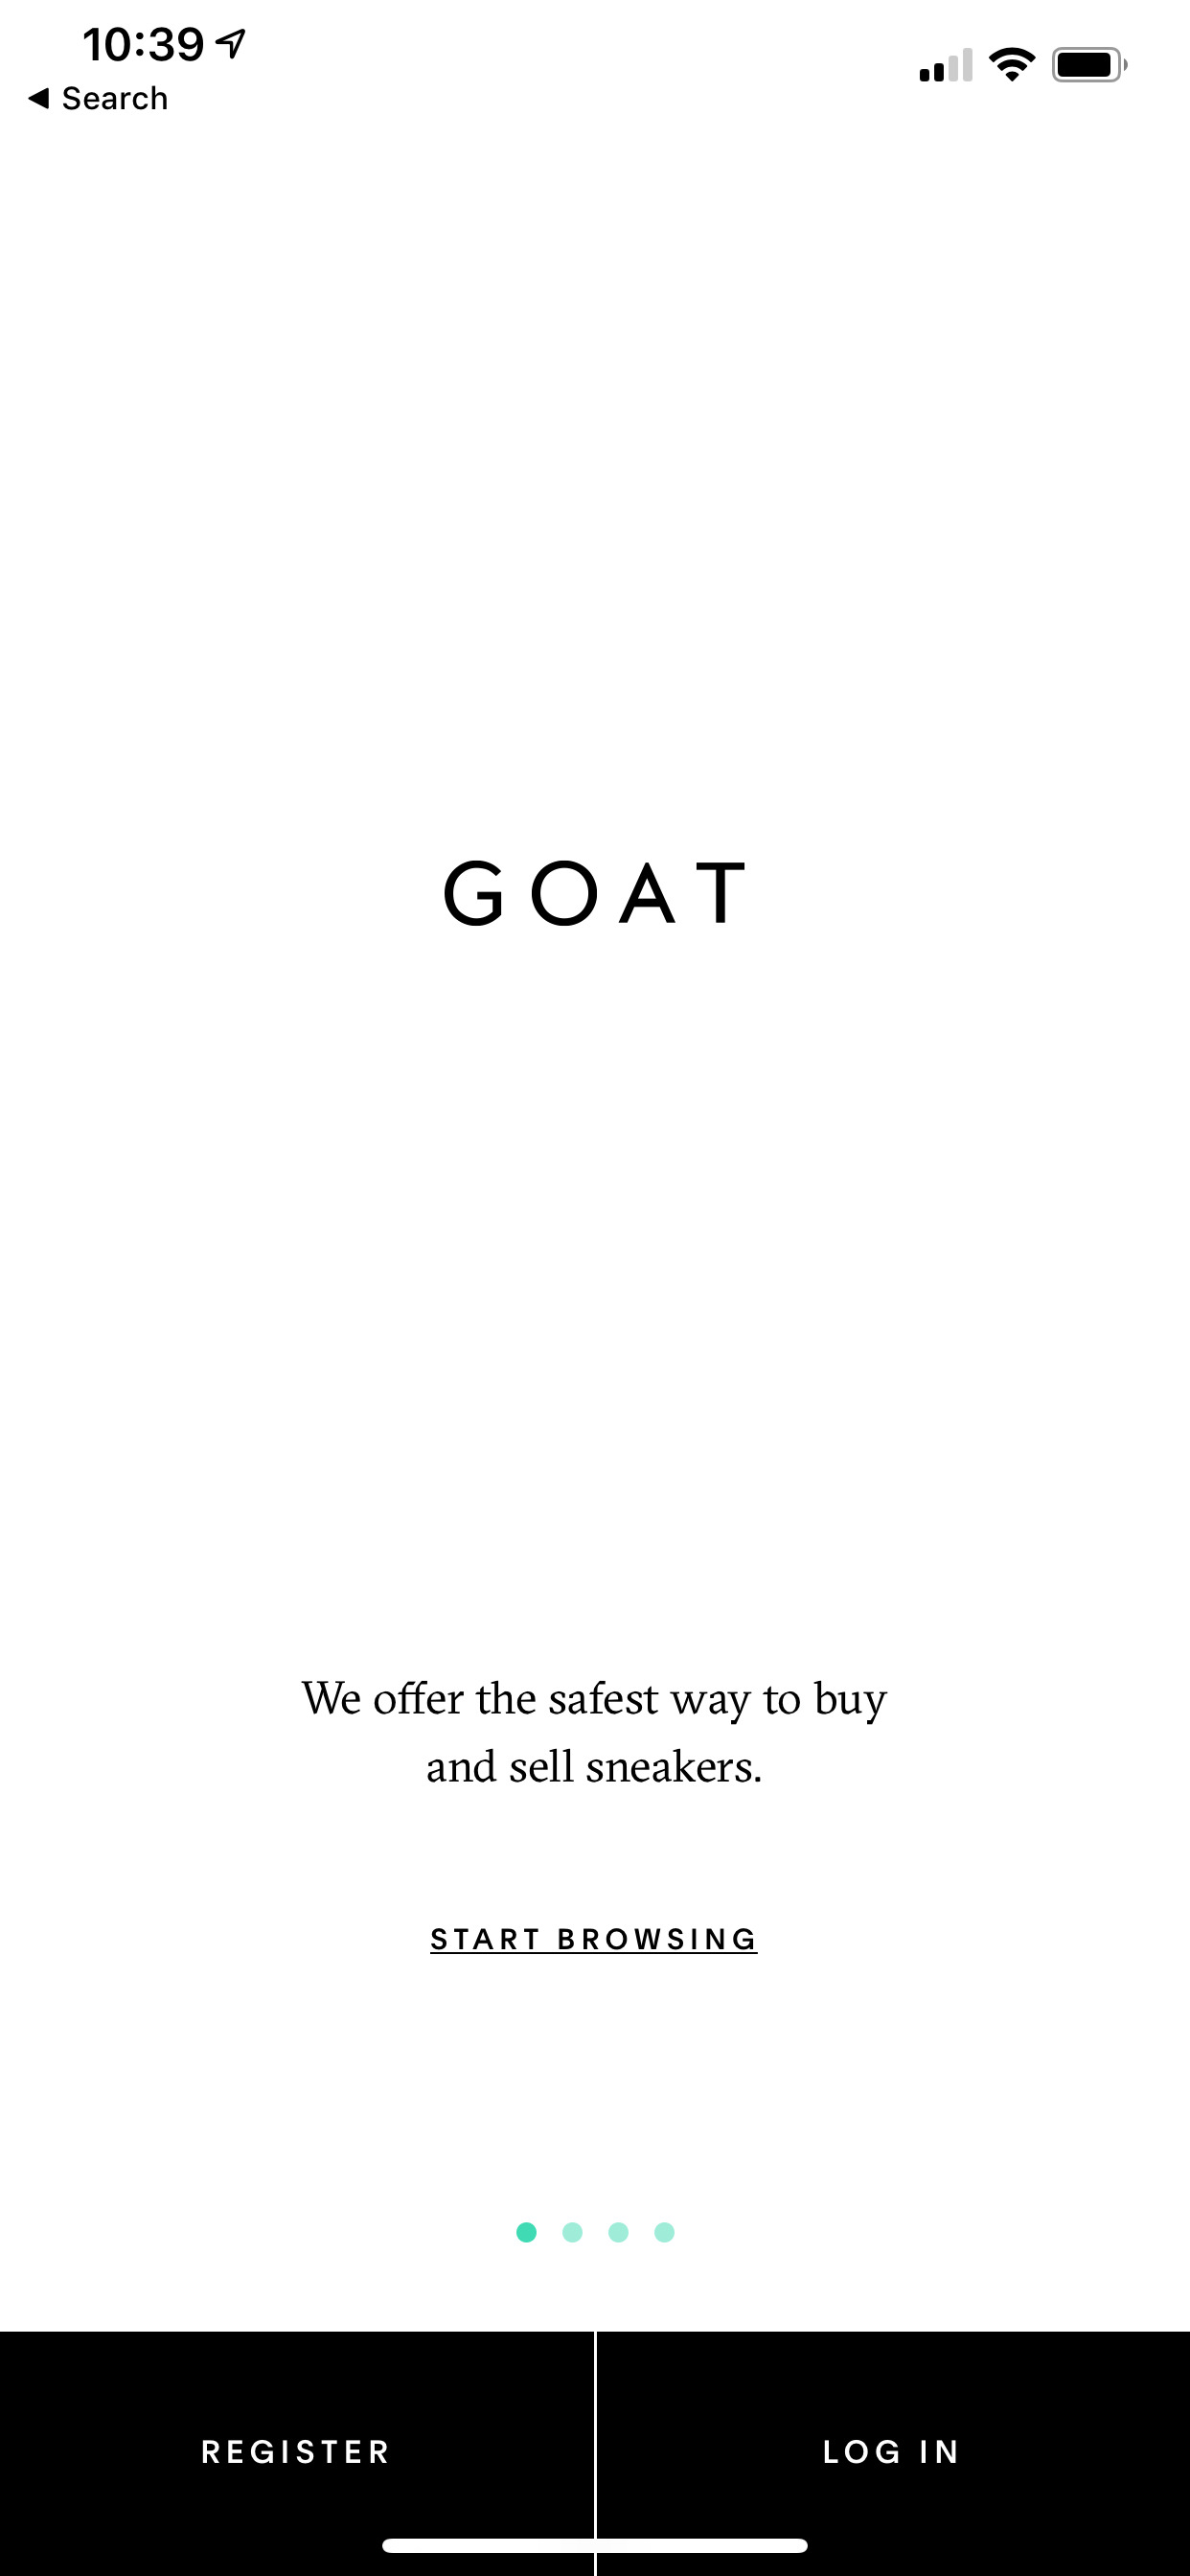 Goat (iPhone X)